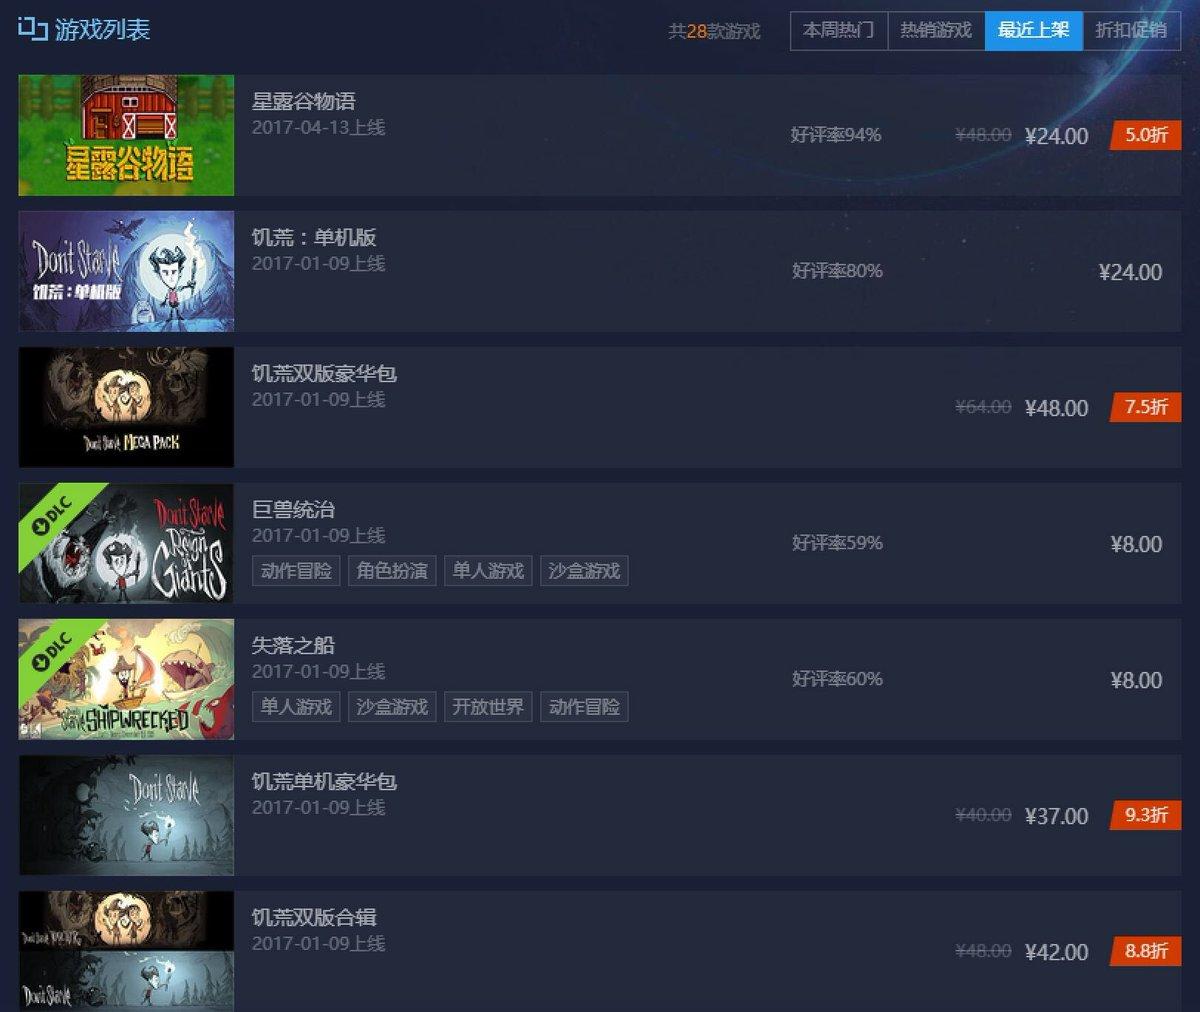 Новая игровая платформа Tencent может составить отличную конкуренцию Steam